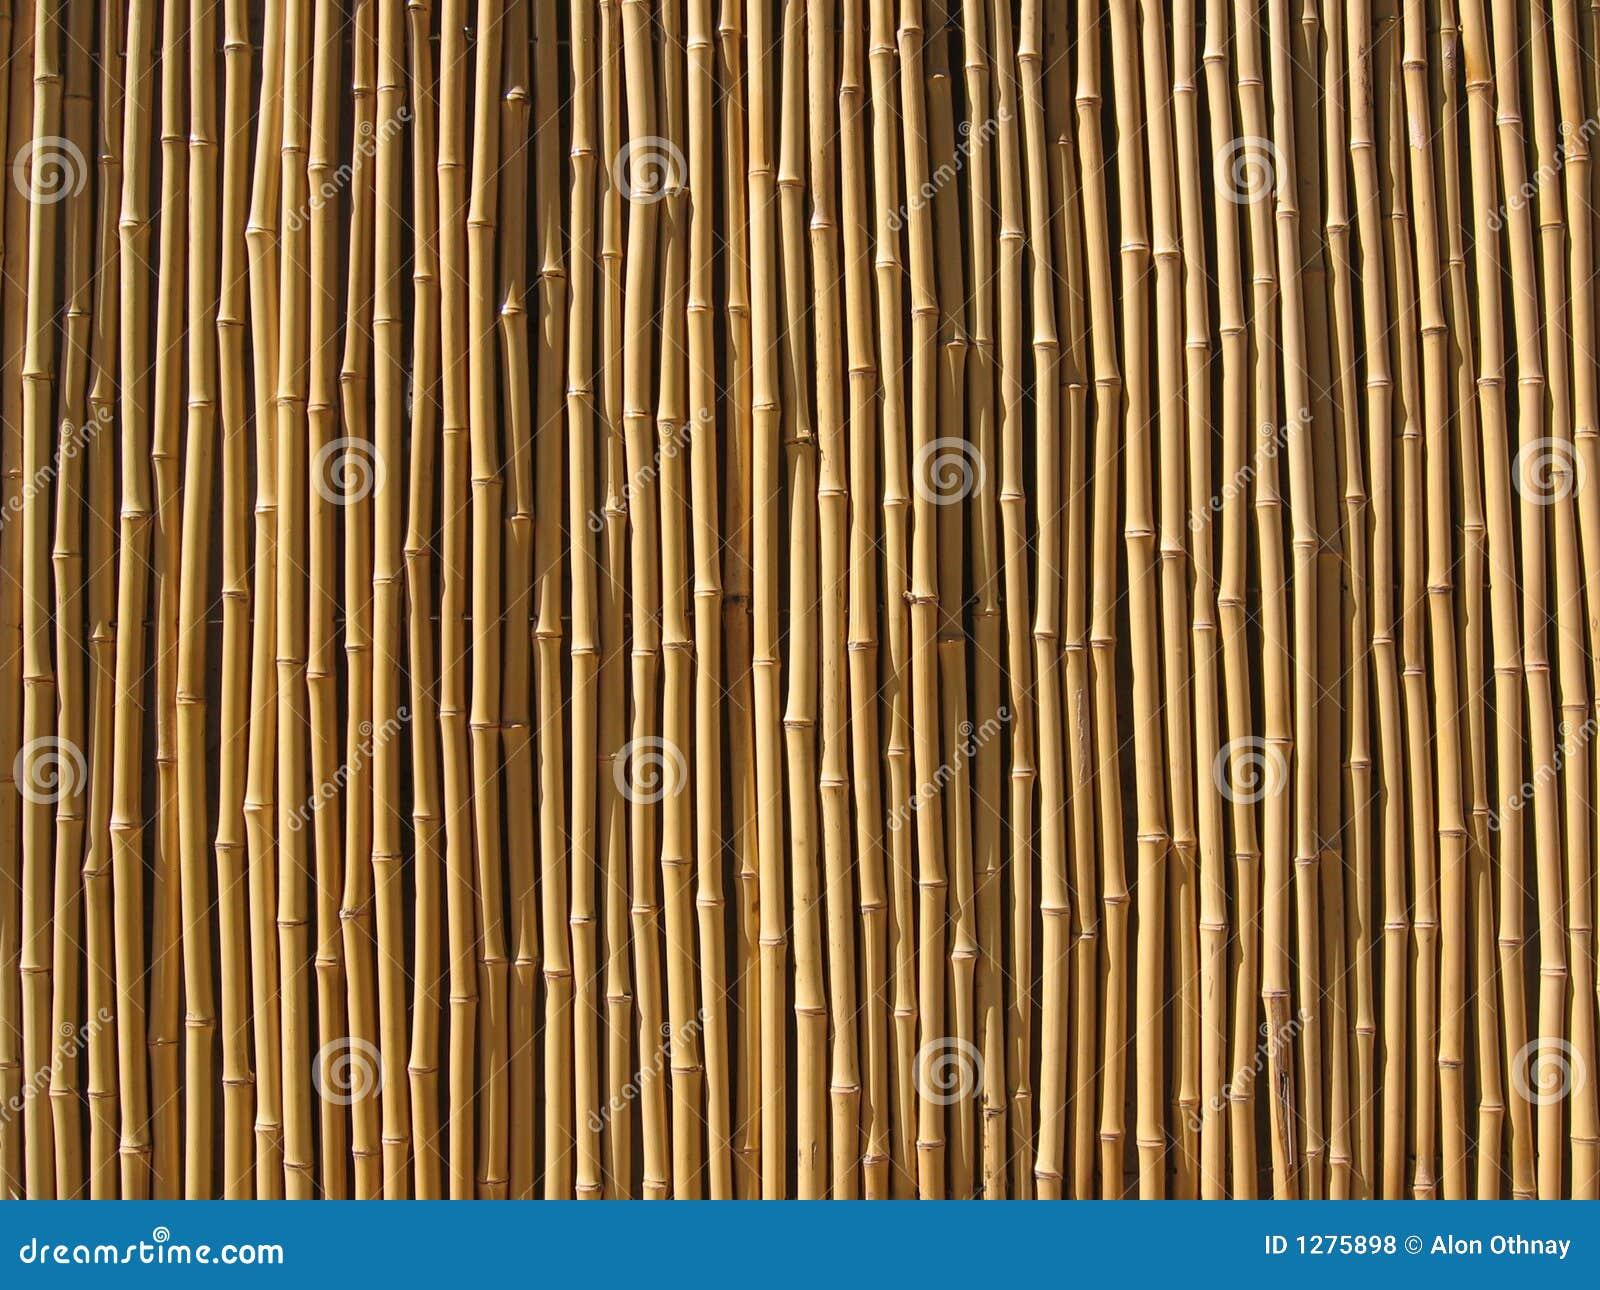 Bamboo wall stock photo image of blur jungle stick